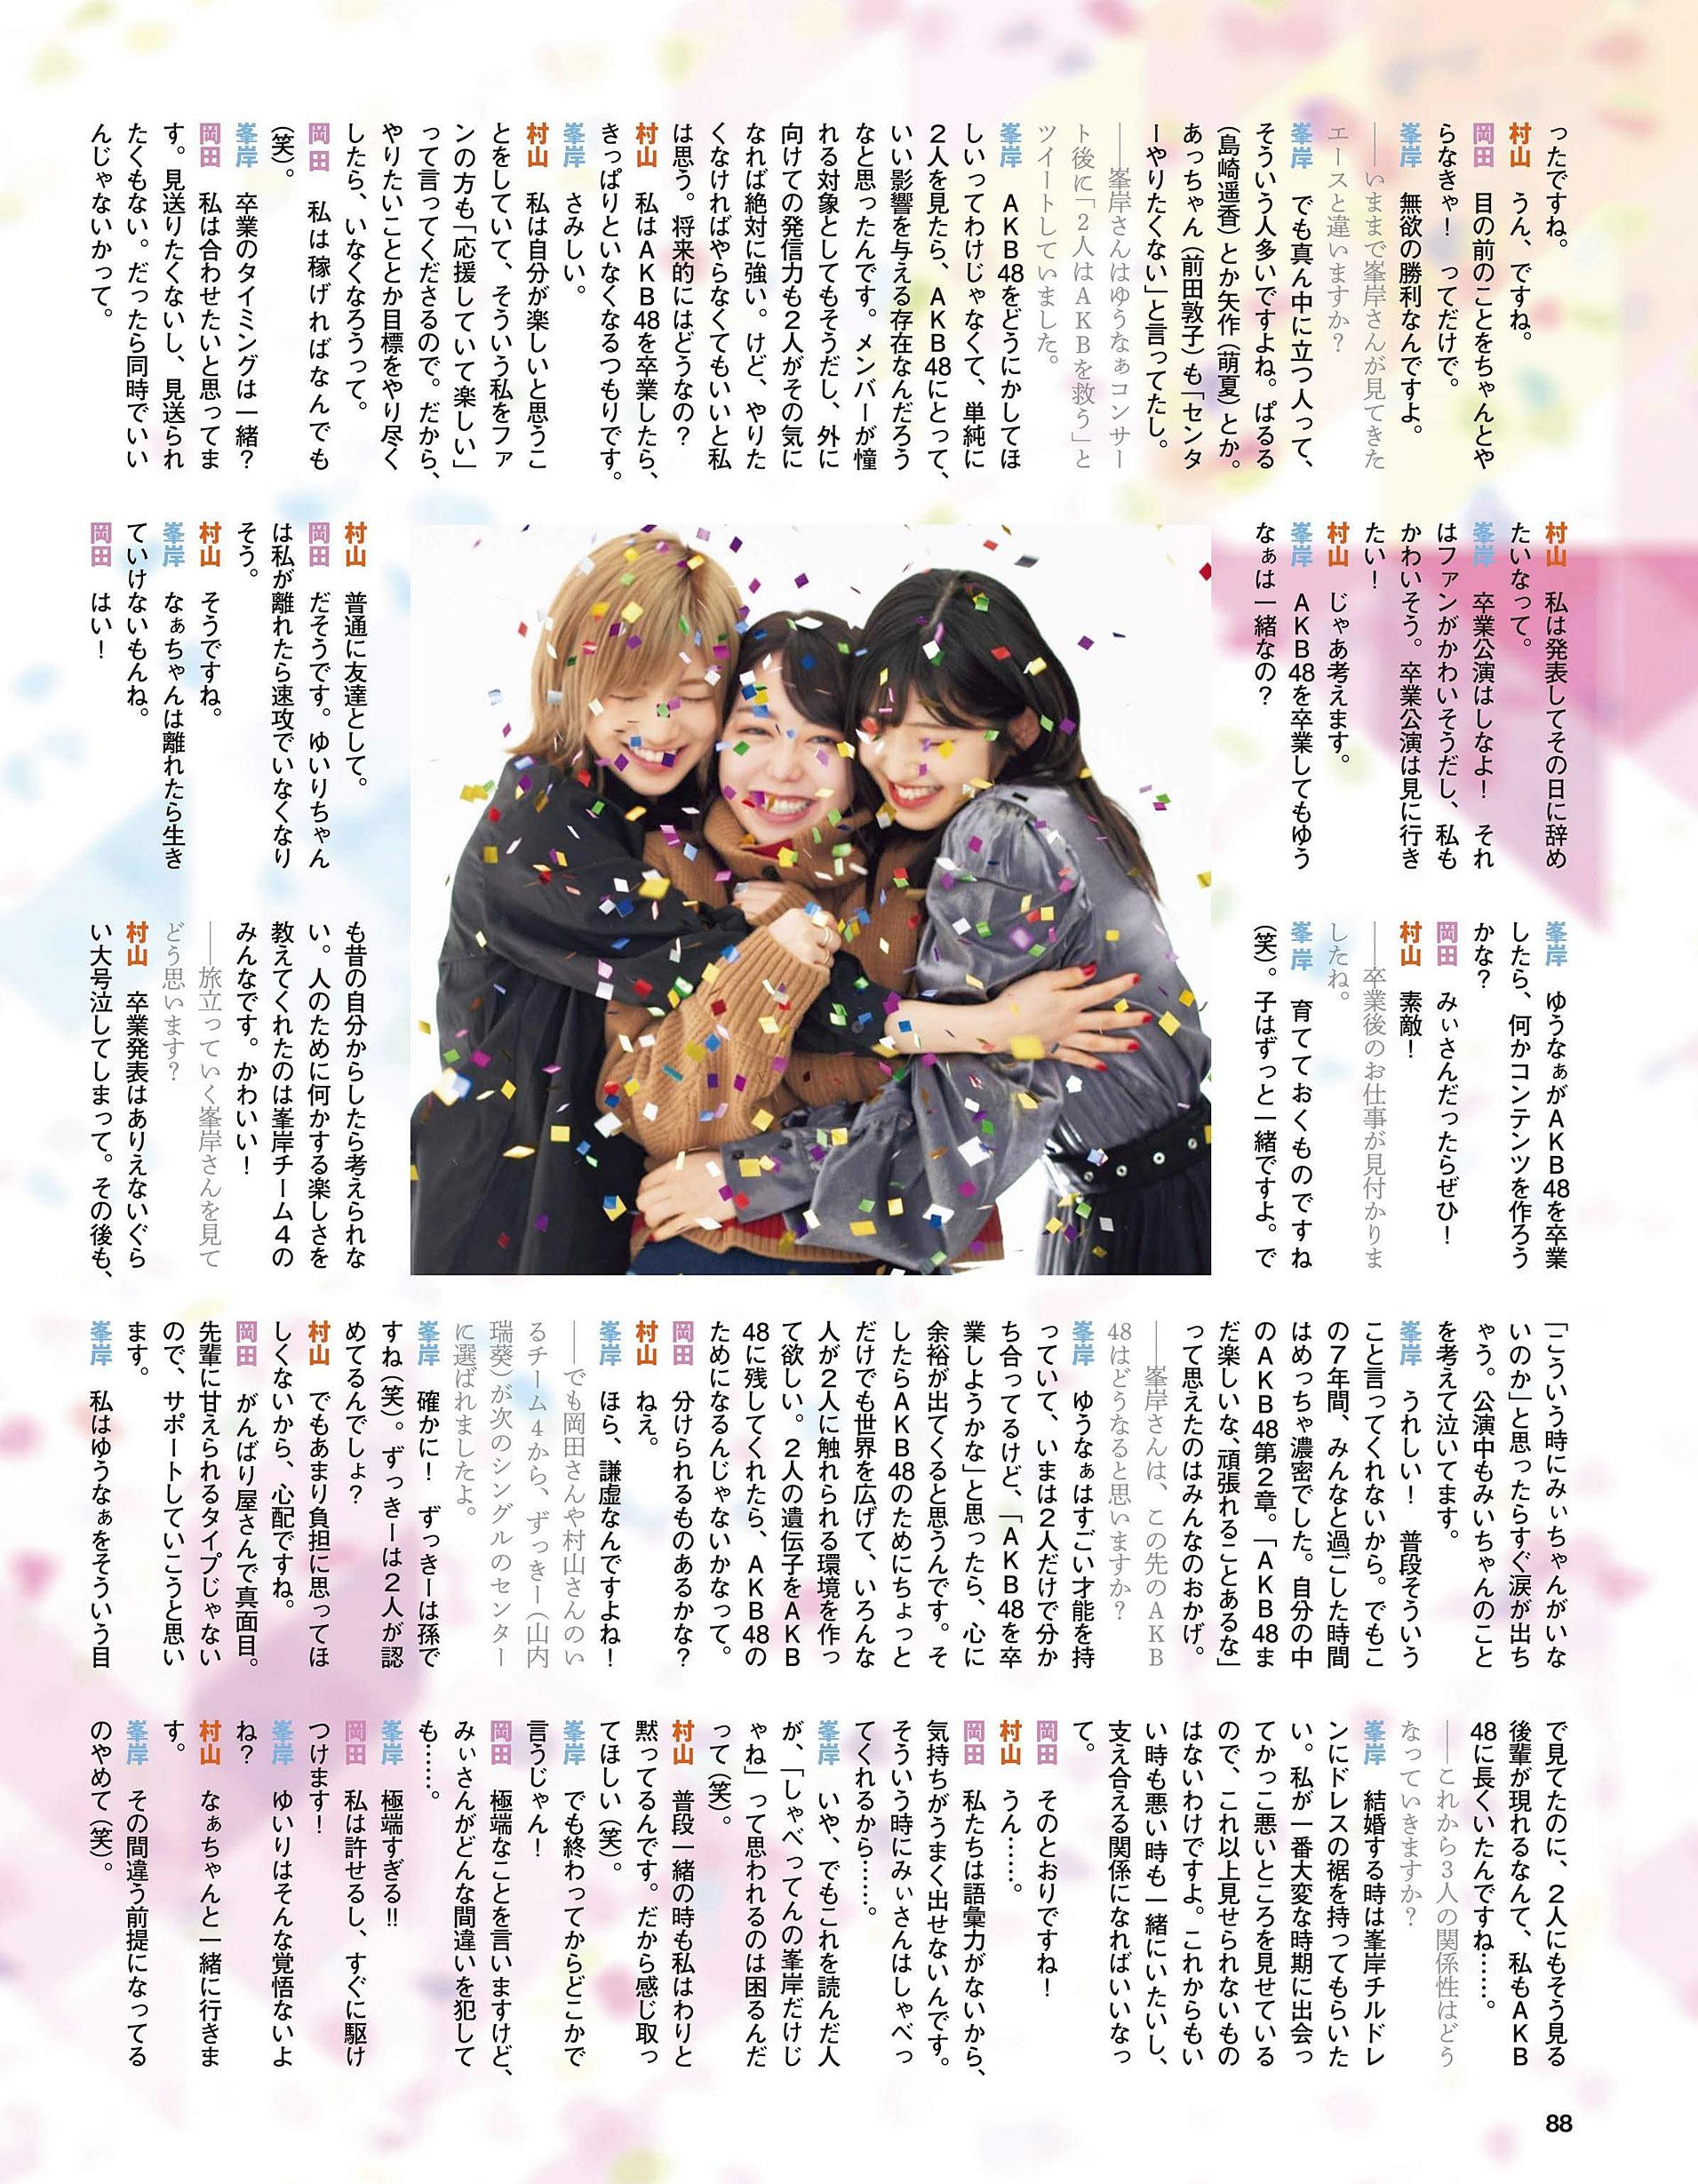 MMinegishi Ex-Taishu 2003 03.jpg